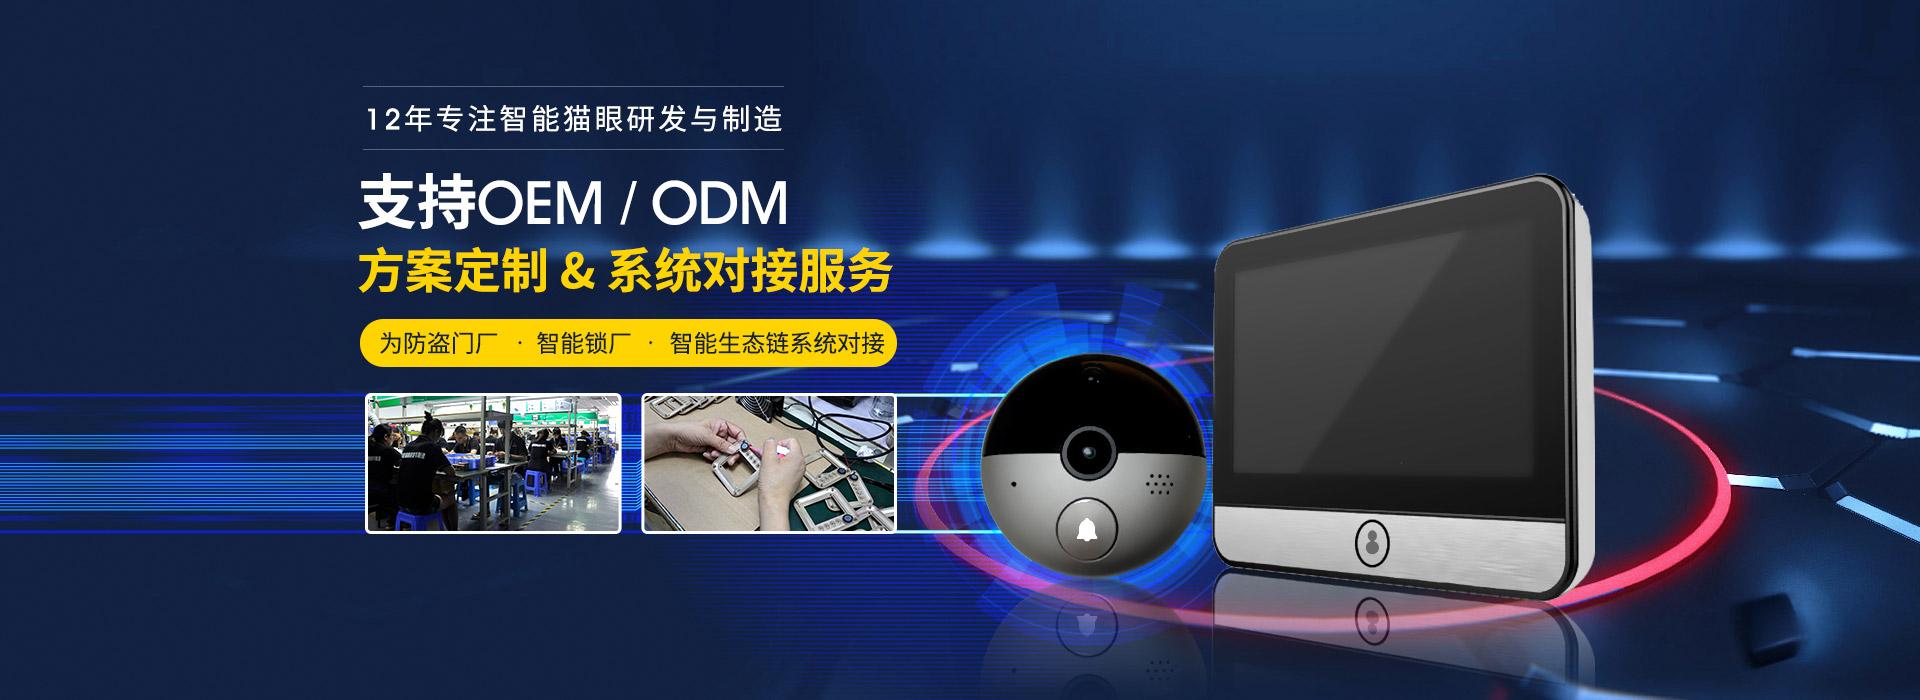 昱元科技12年专注智能猫眼研发与制造